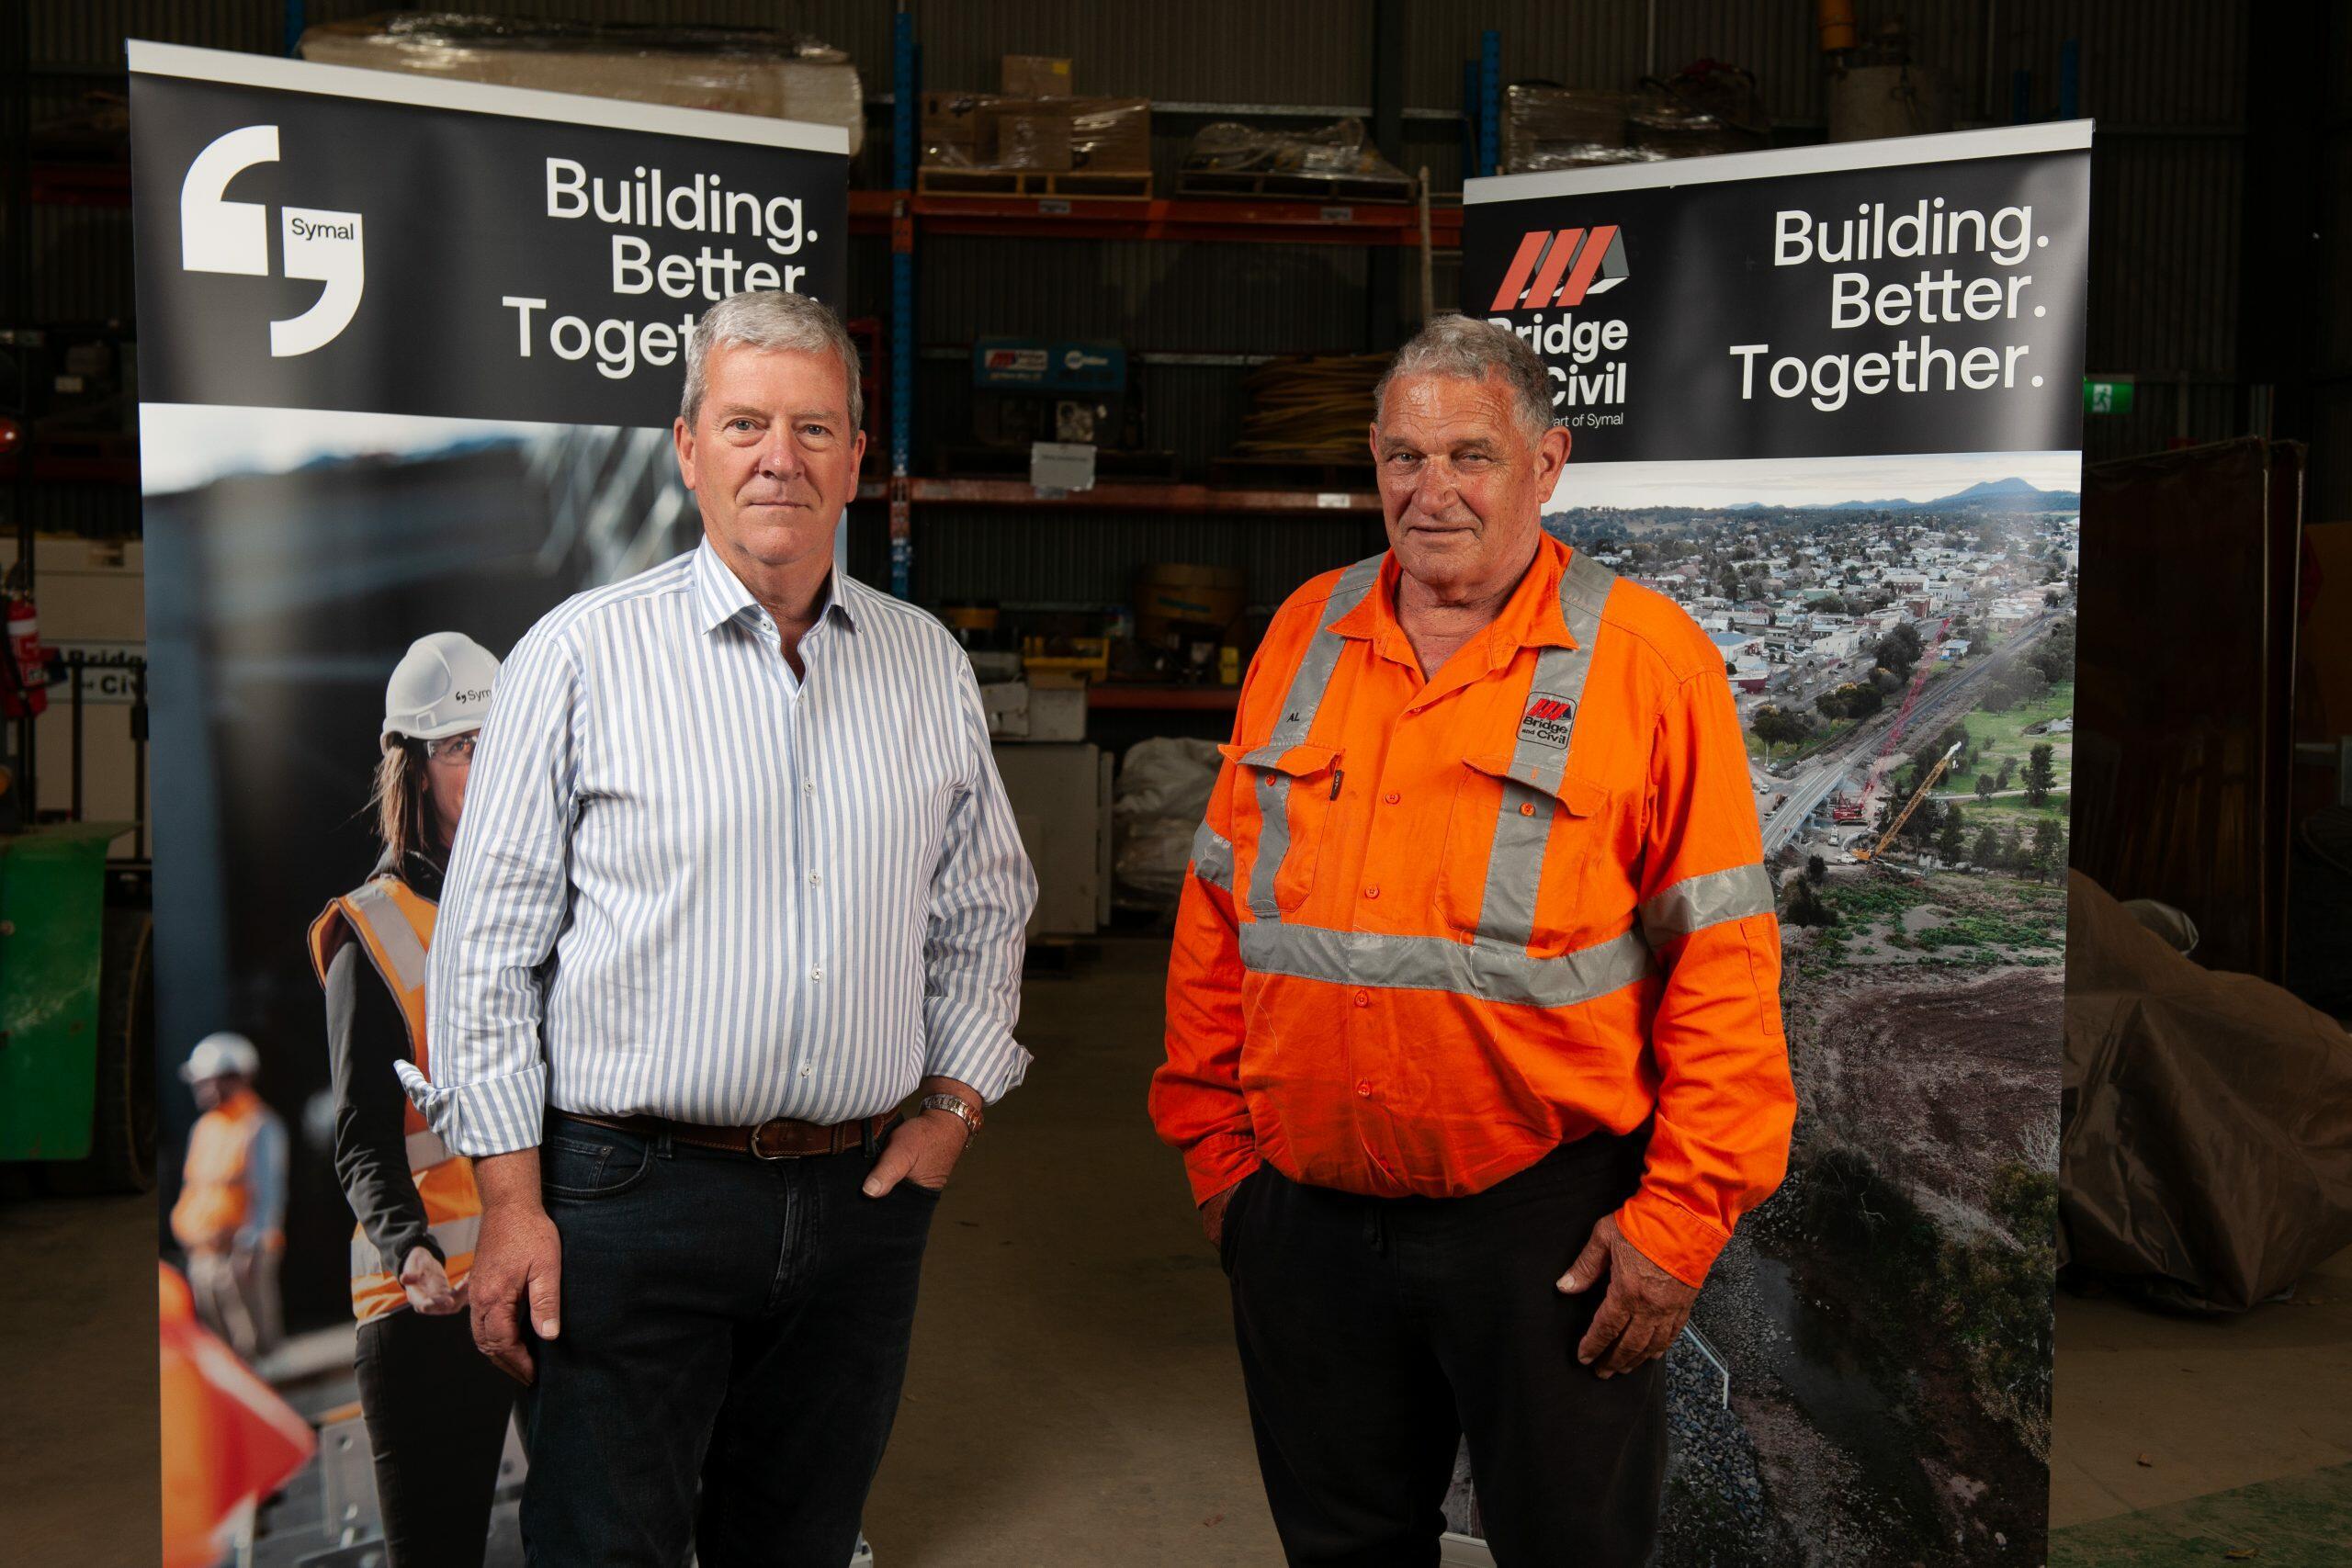 Bridge and Civil directors, Bob Simpkins and Allan Goldman